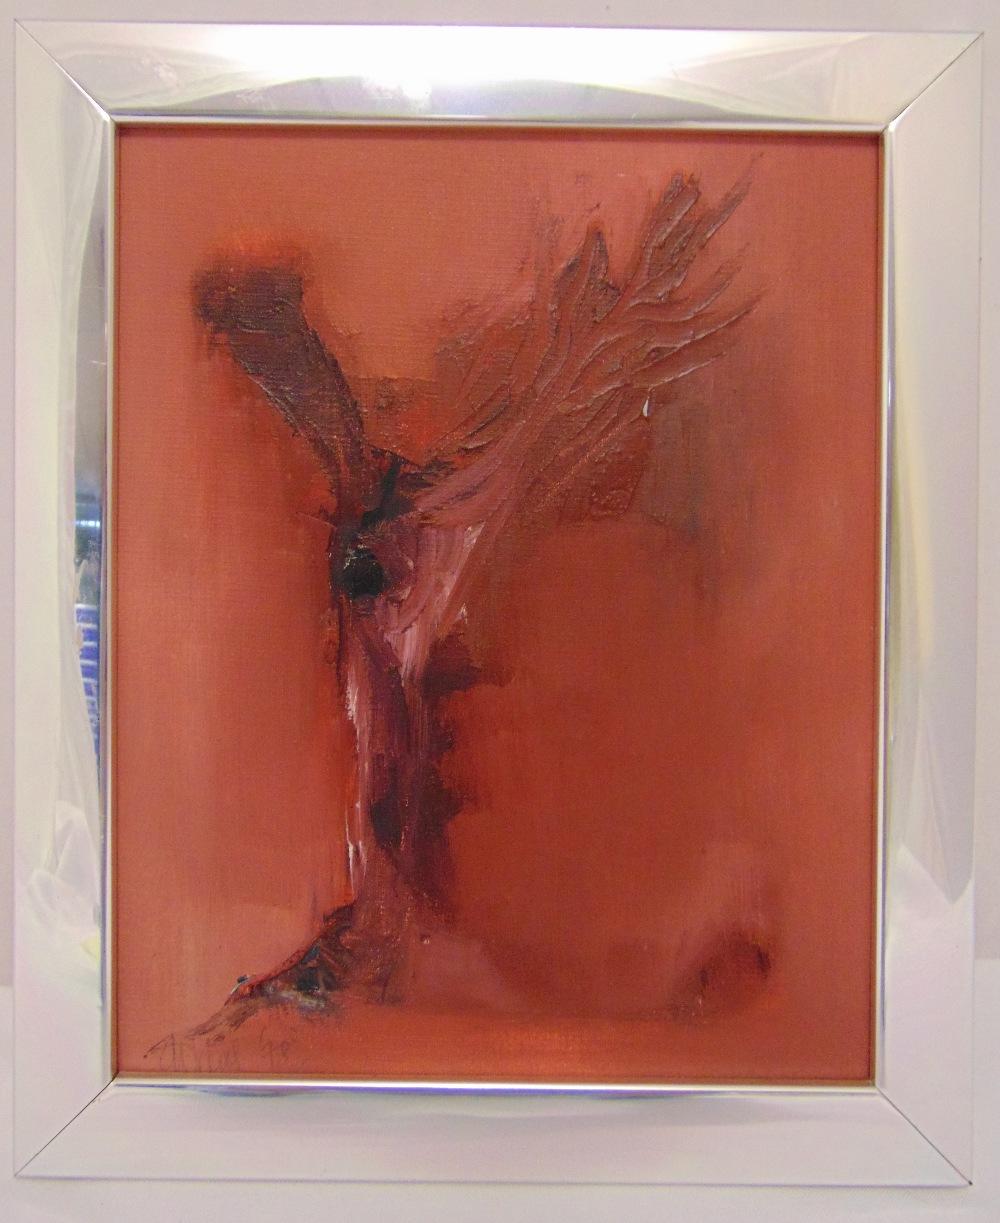 Gerald Davis framed oil on panel abstract, signed bottom left, 24.5 x 19.5cm